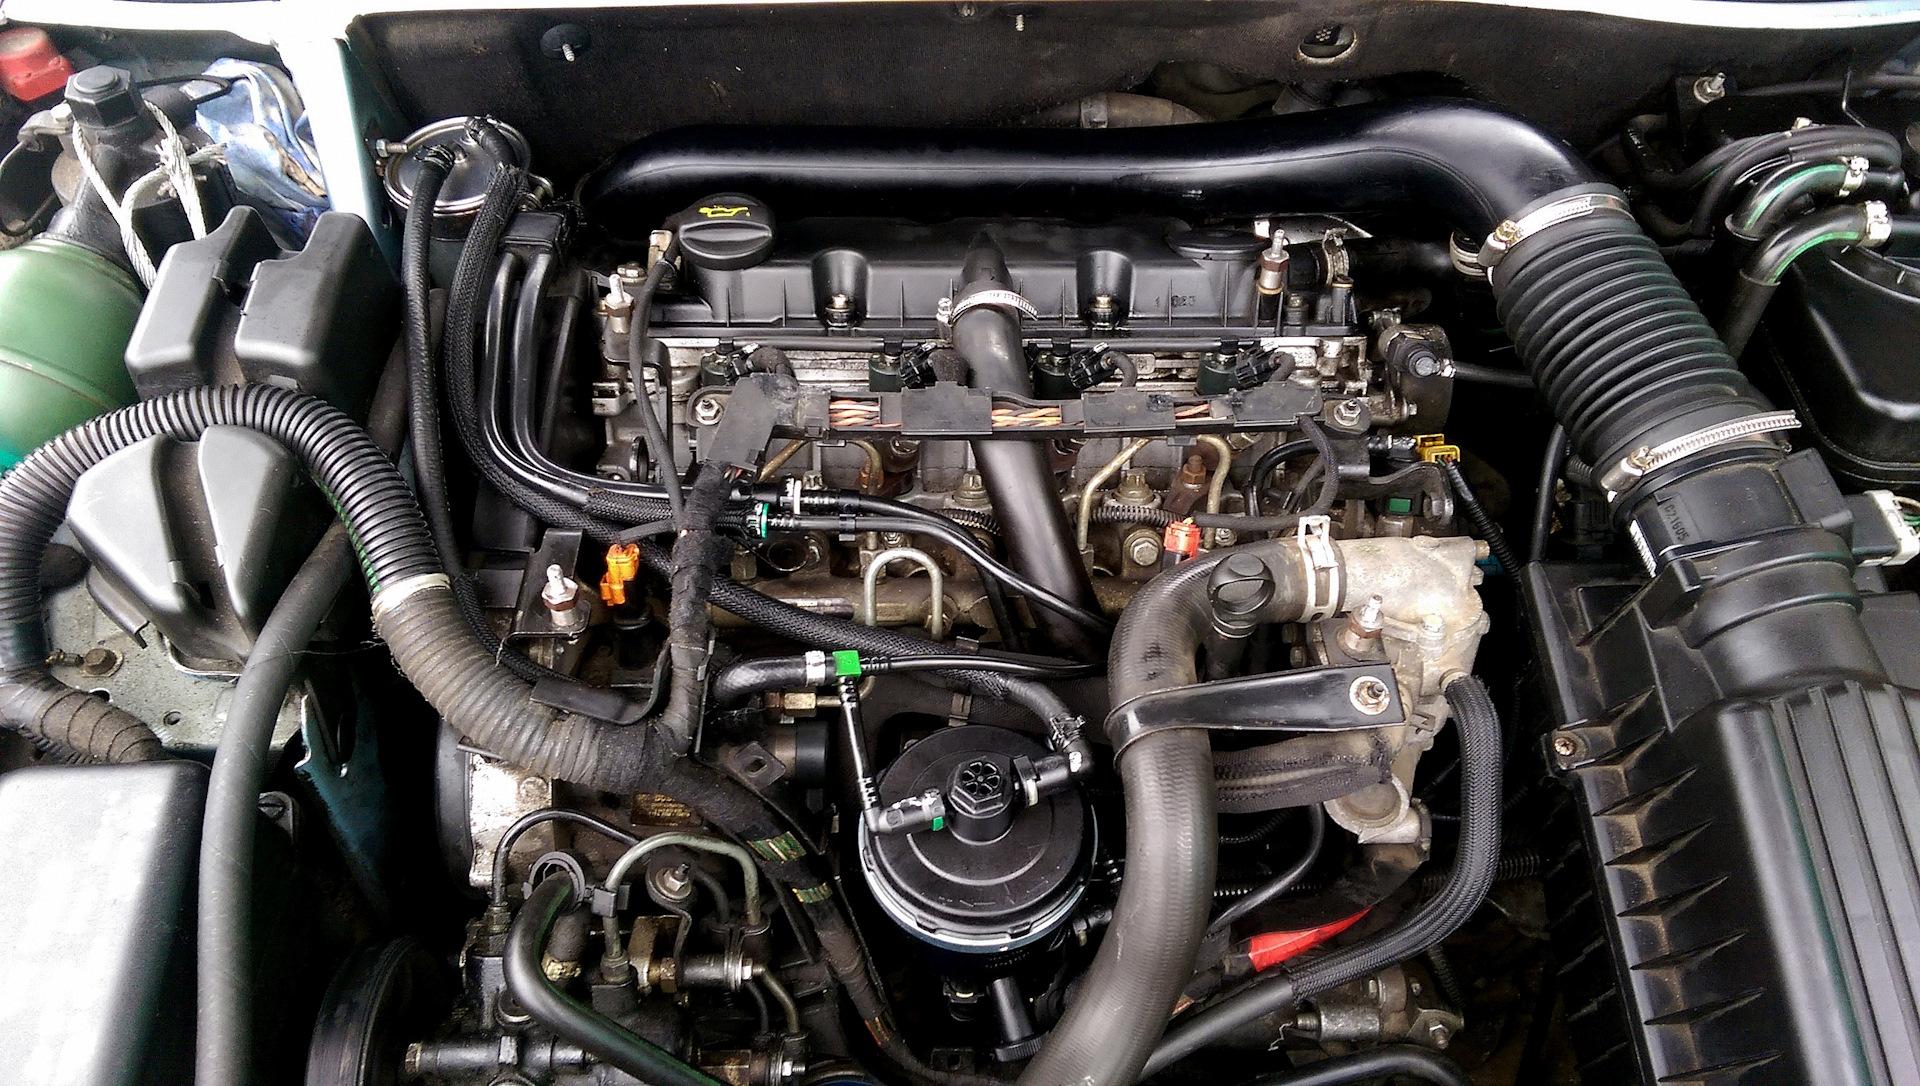 ситроен ксантия 2.0 бензин глохнет на ходу